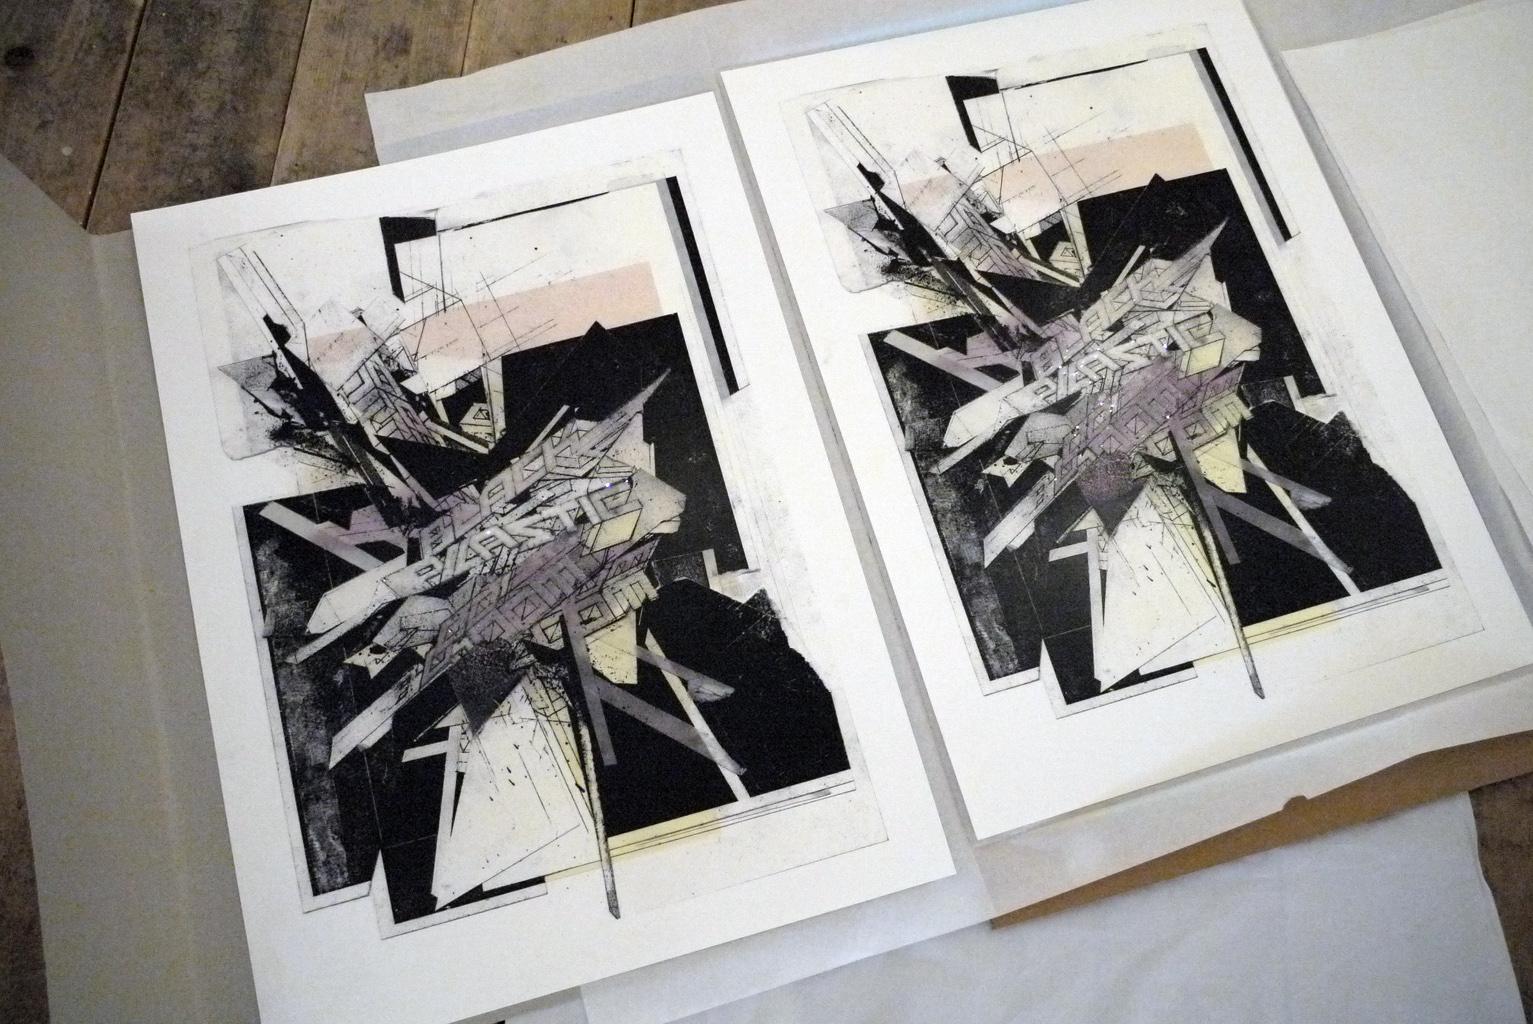 boris-delta-tellegen-overburden-new-show-at-common-gallery-12